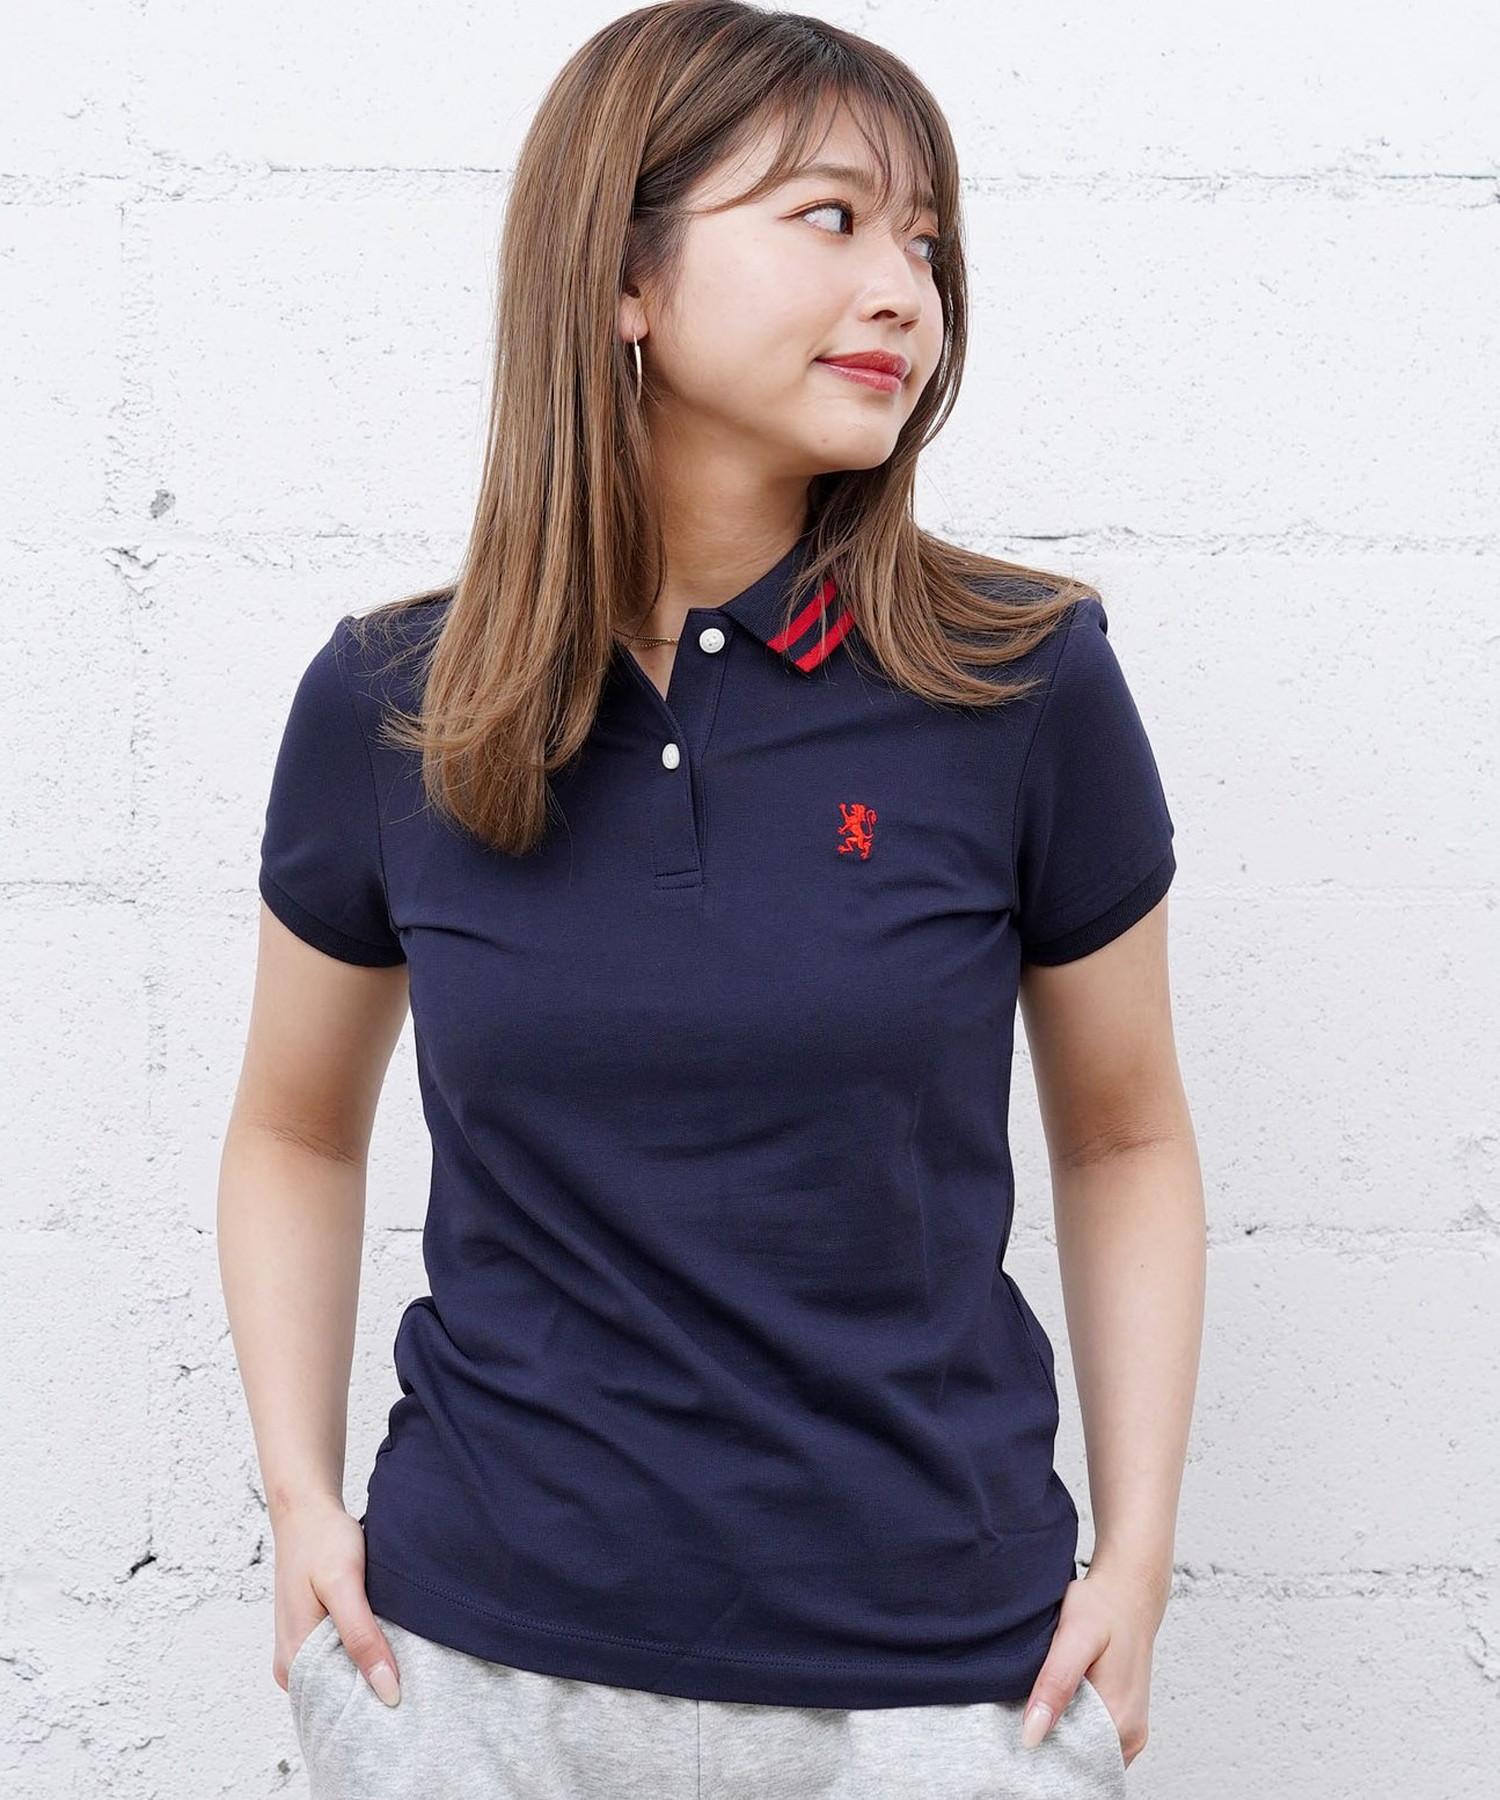 [GIORDANO]スモールライオン刺繍ポロシャツ